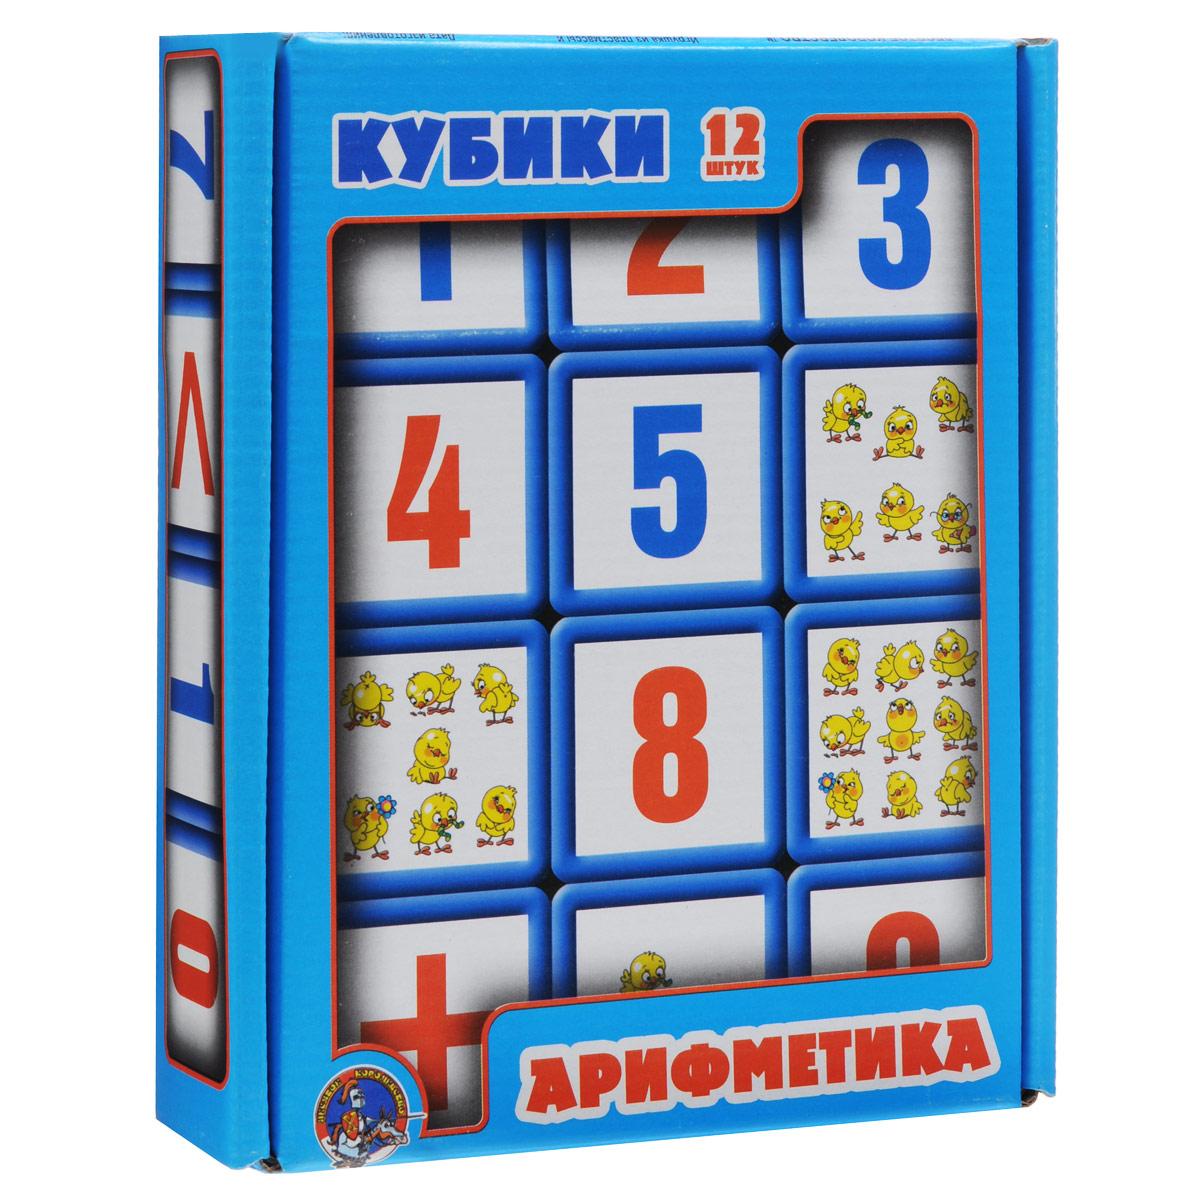 Набор кубиков Арифметика, 12 шт. 00350 кубики десятое королевство кубики для умников английский алфавит 12 шт белые